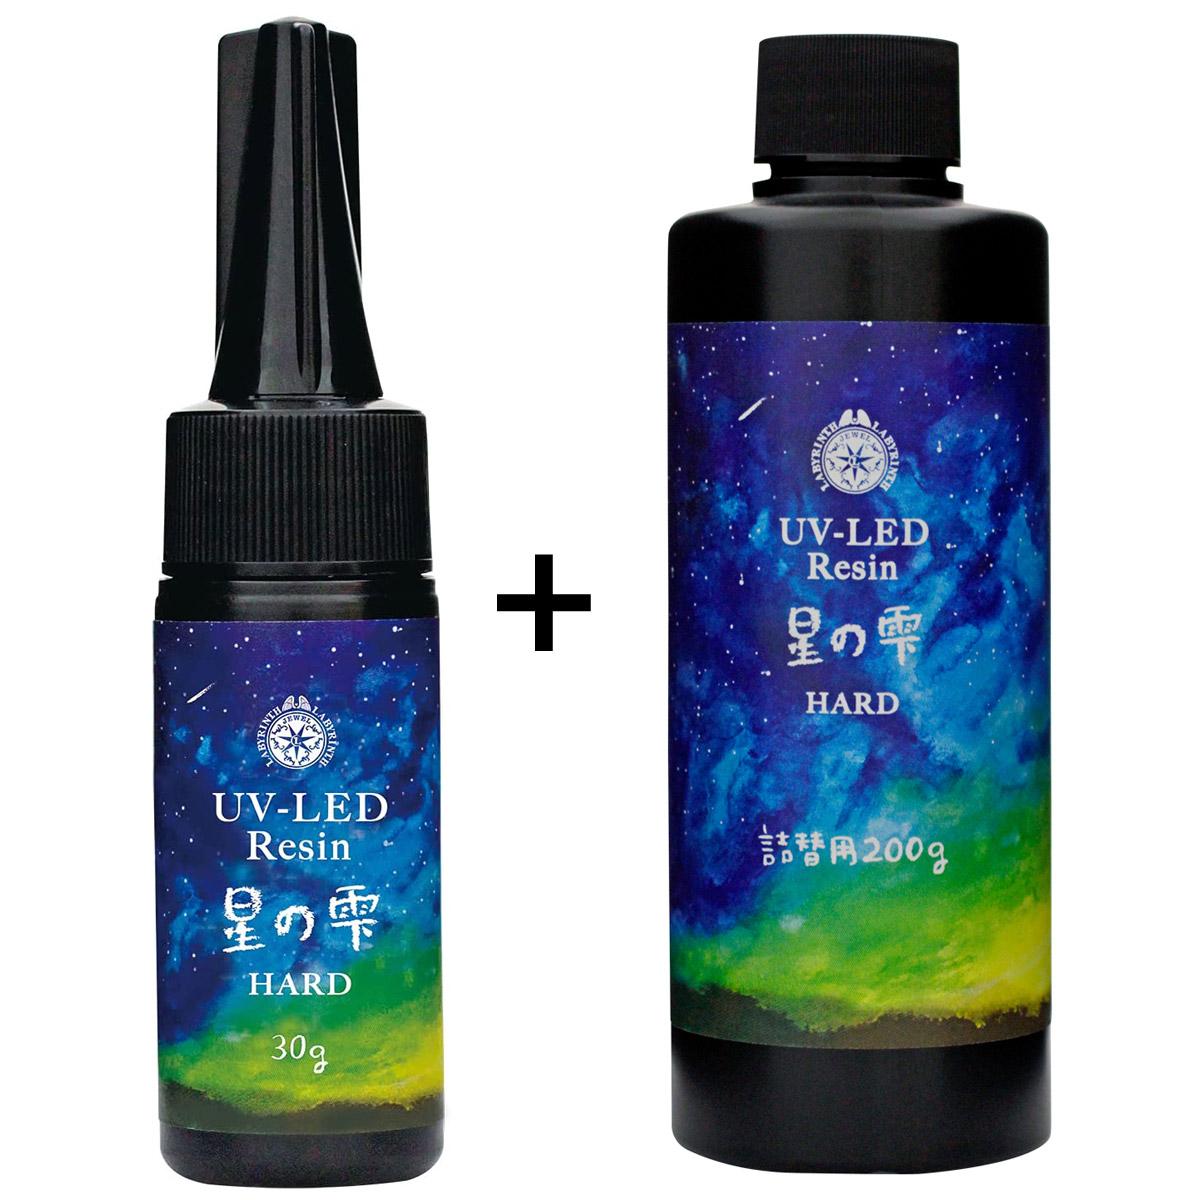 レジン液 UV LEDレジン 星の雫 ハードタイプ 25g 詰換用200g セット パジコ 紫外線硬化接着剤